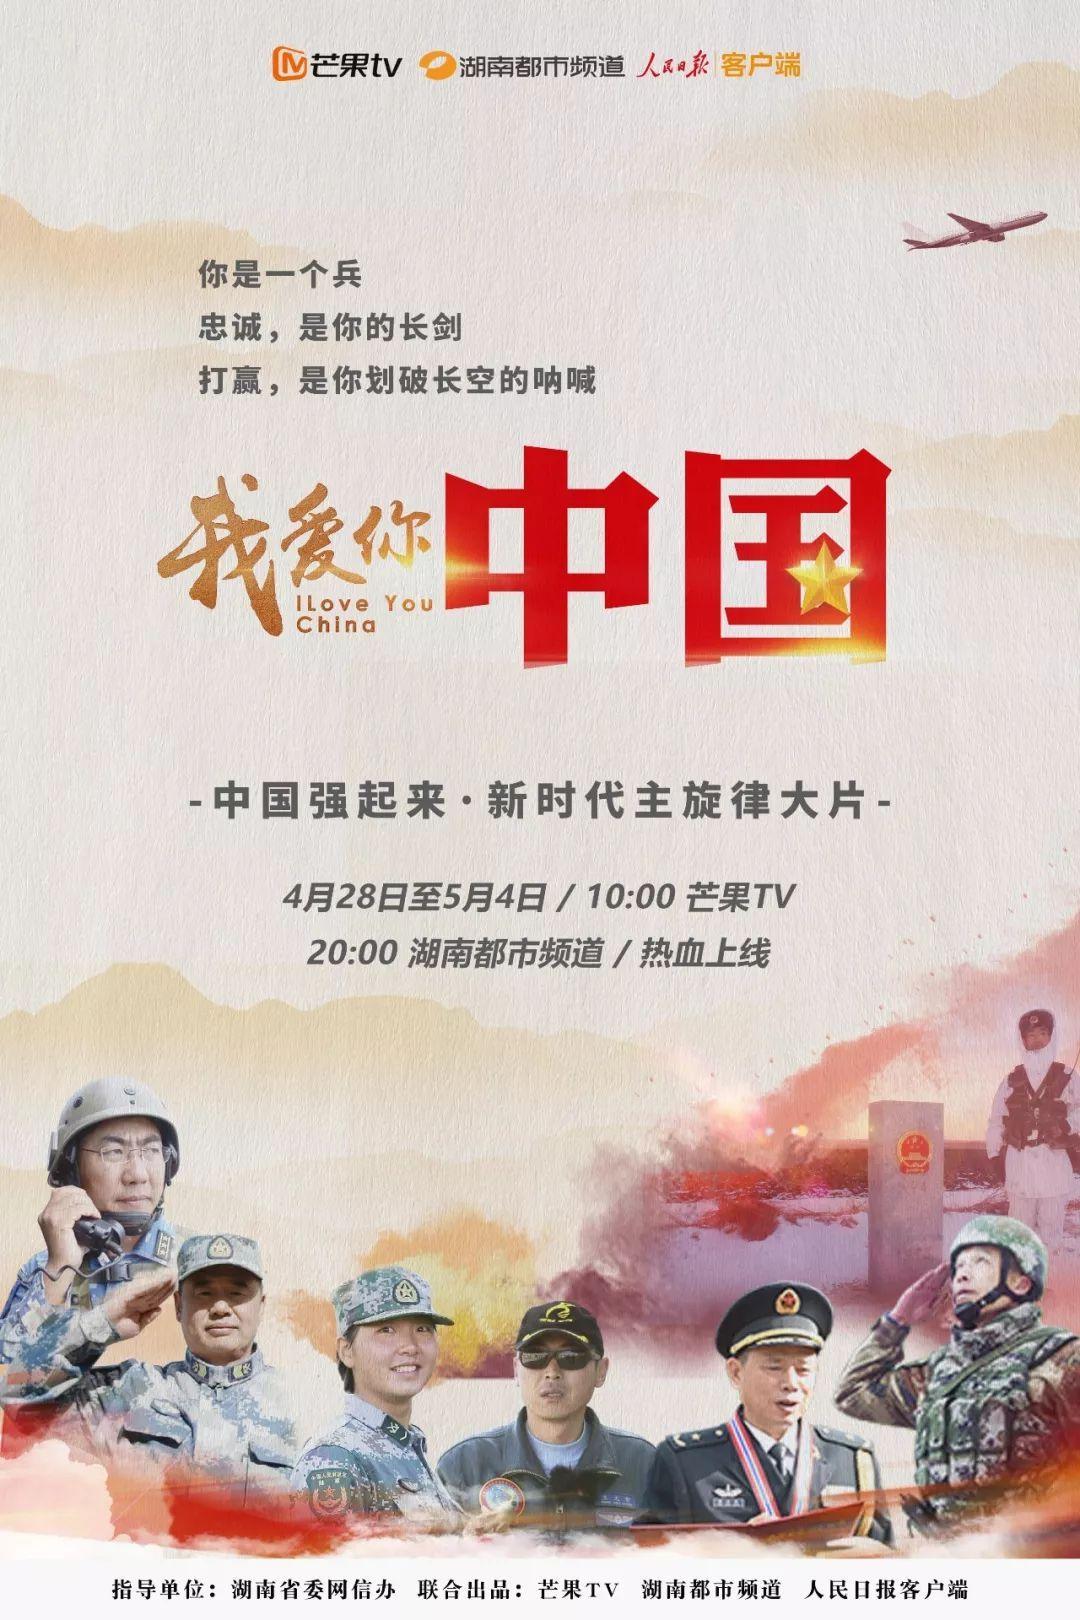 芒果tv 《我爱你,中国》,《我的青春在丝路》,《放学别走》三个ip斩获